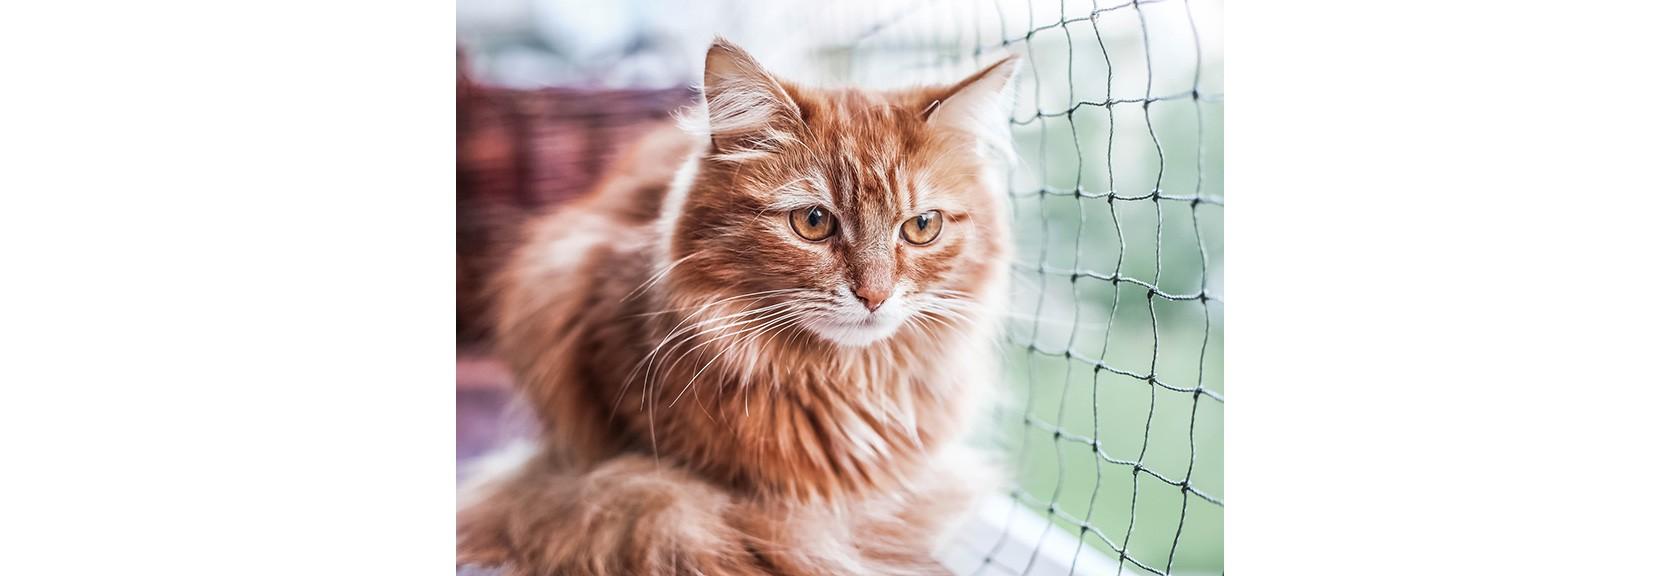 Ein sicherer Balkon für Haustiere. Eine Katze sitzt auf einem Zaun und schaut durch ein Sicherheitsnetz.